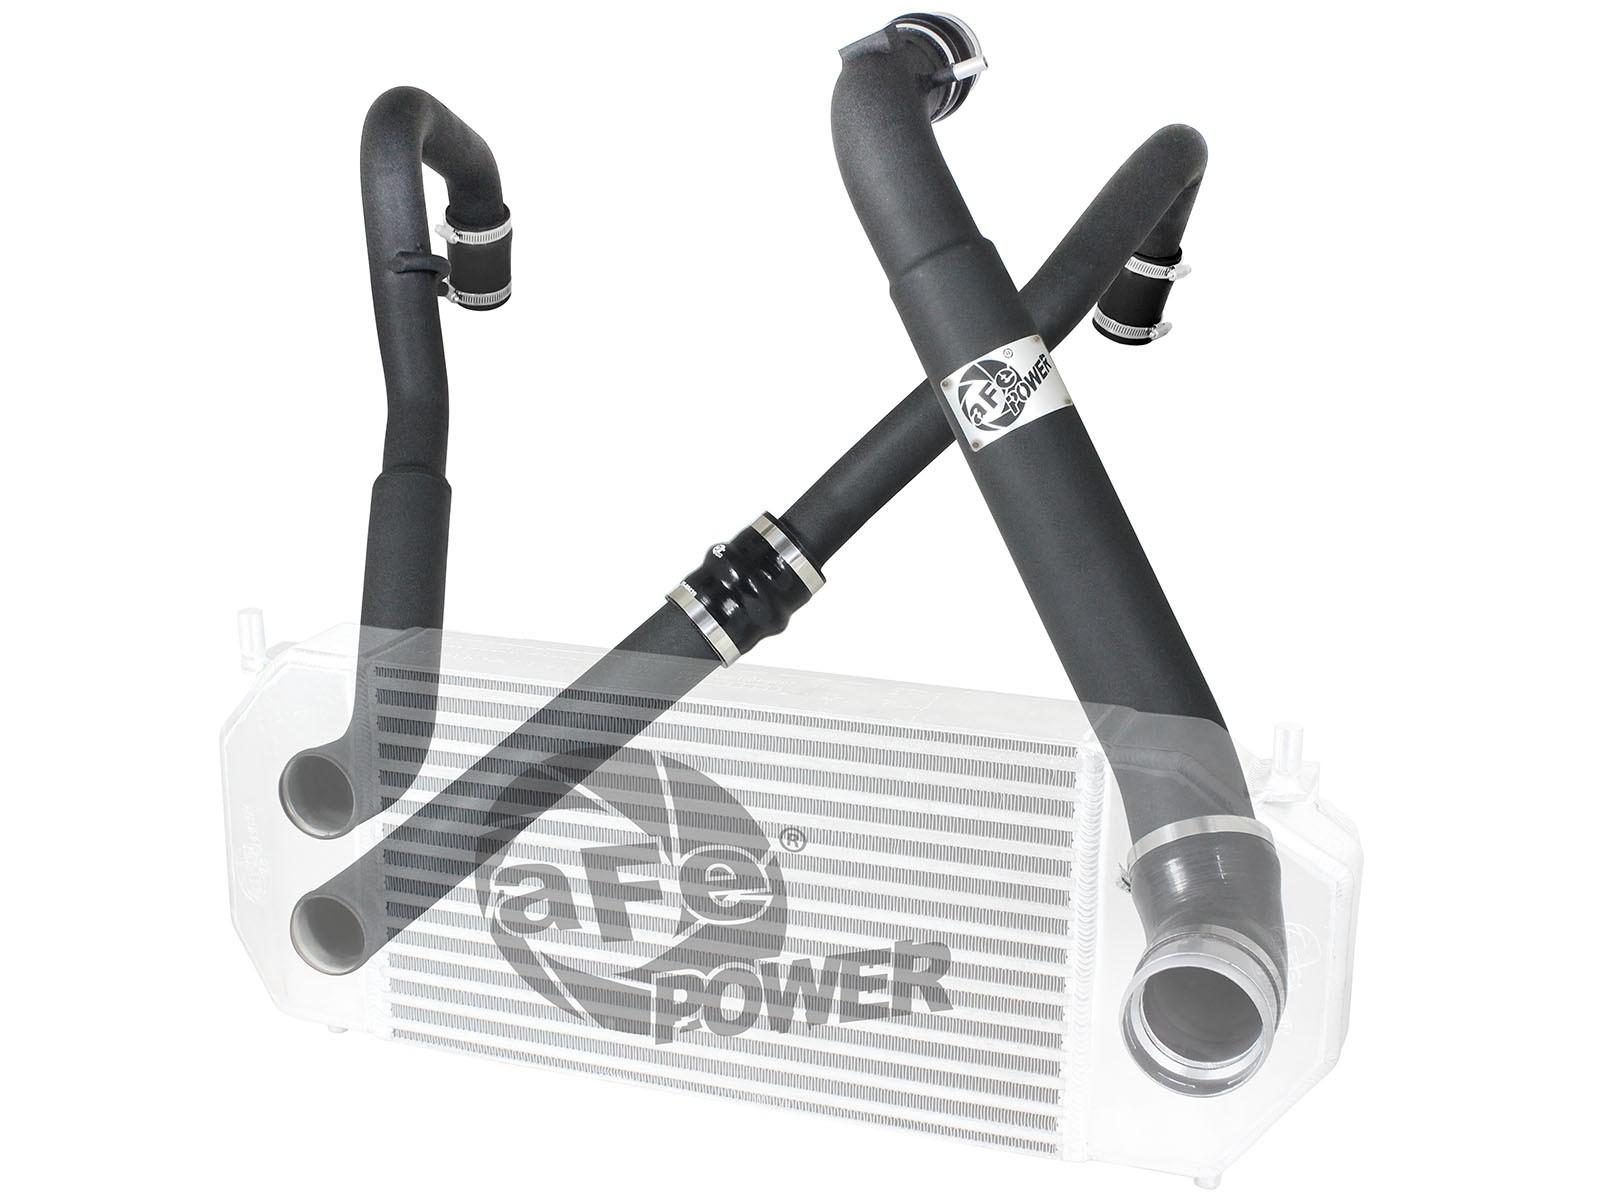 aFe POWER 46-20204-B BladeRunner Intercooler Hot and Cold Side Tubes